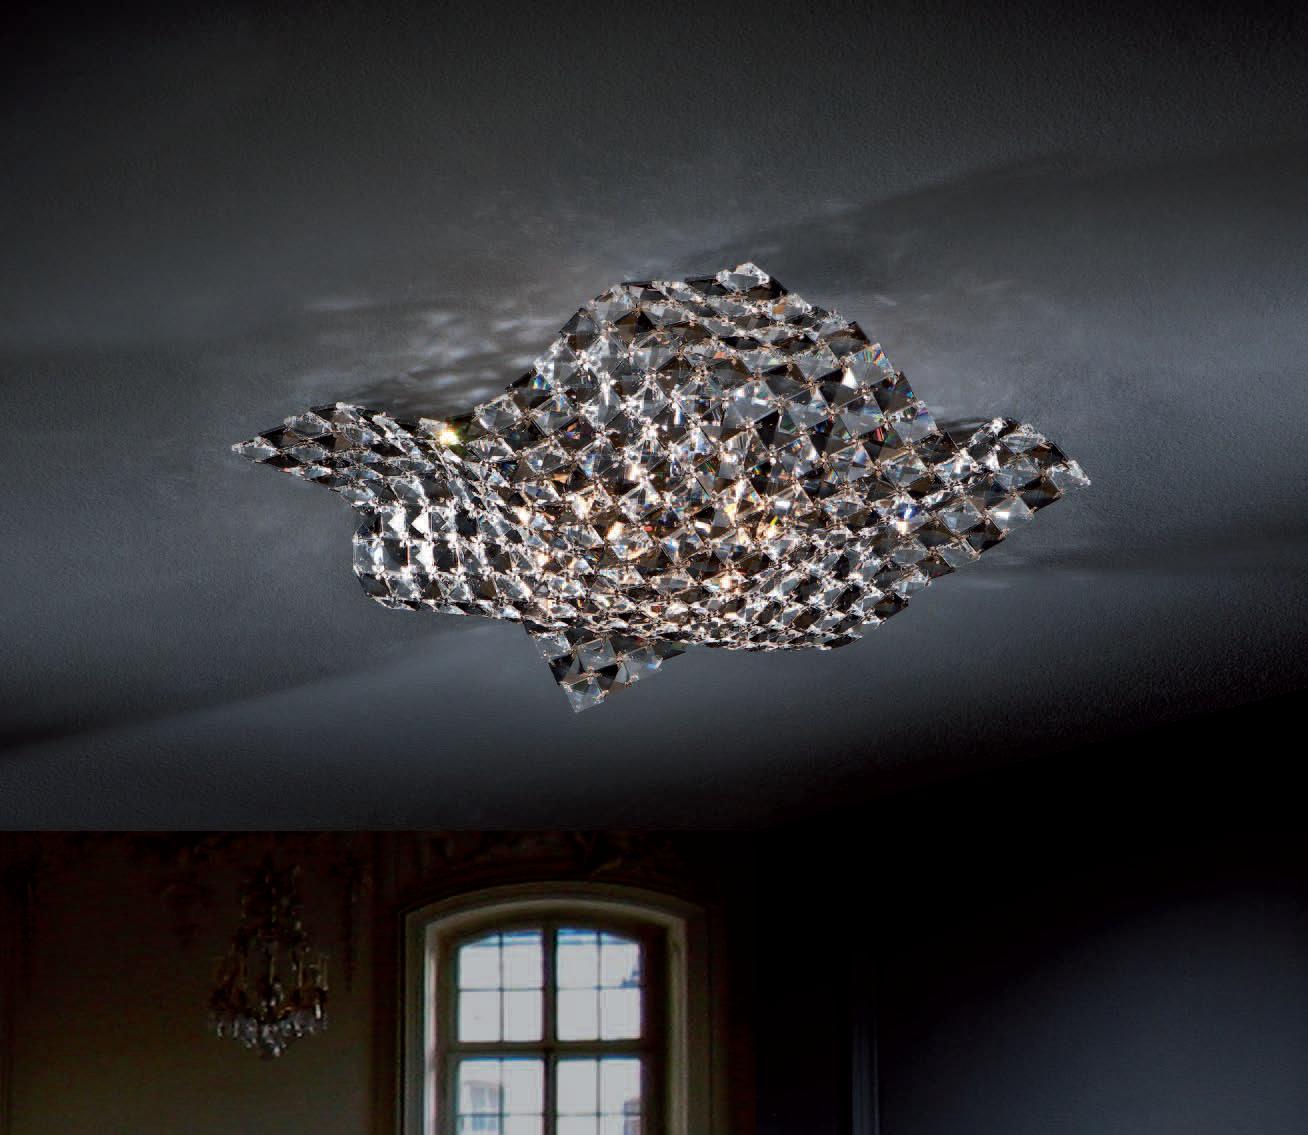 Lamparas Para Baño Techo: qué altura debo colocar la lámpara?